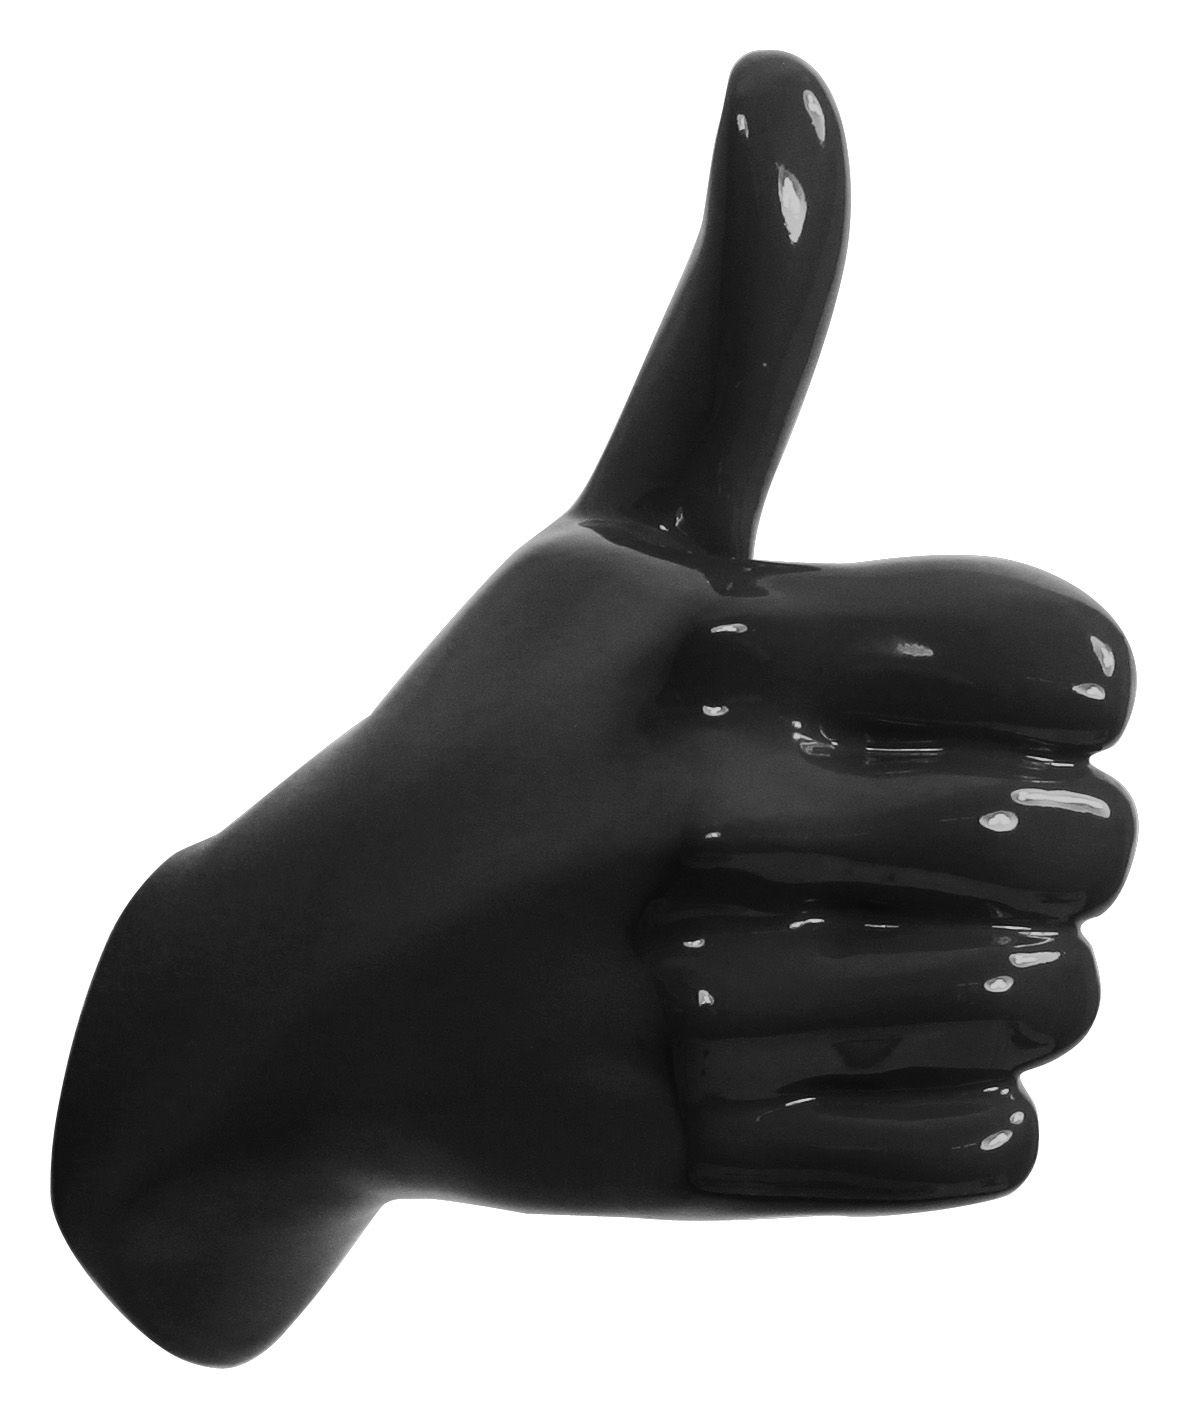 Mobilier - Portemanteaux, patères & portants - Patère Hand Job - Thumbs up Thumbs up - Thelermont Hupton - Noir - Résine laquée